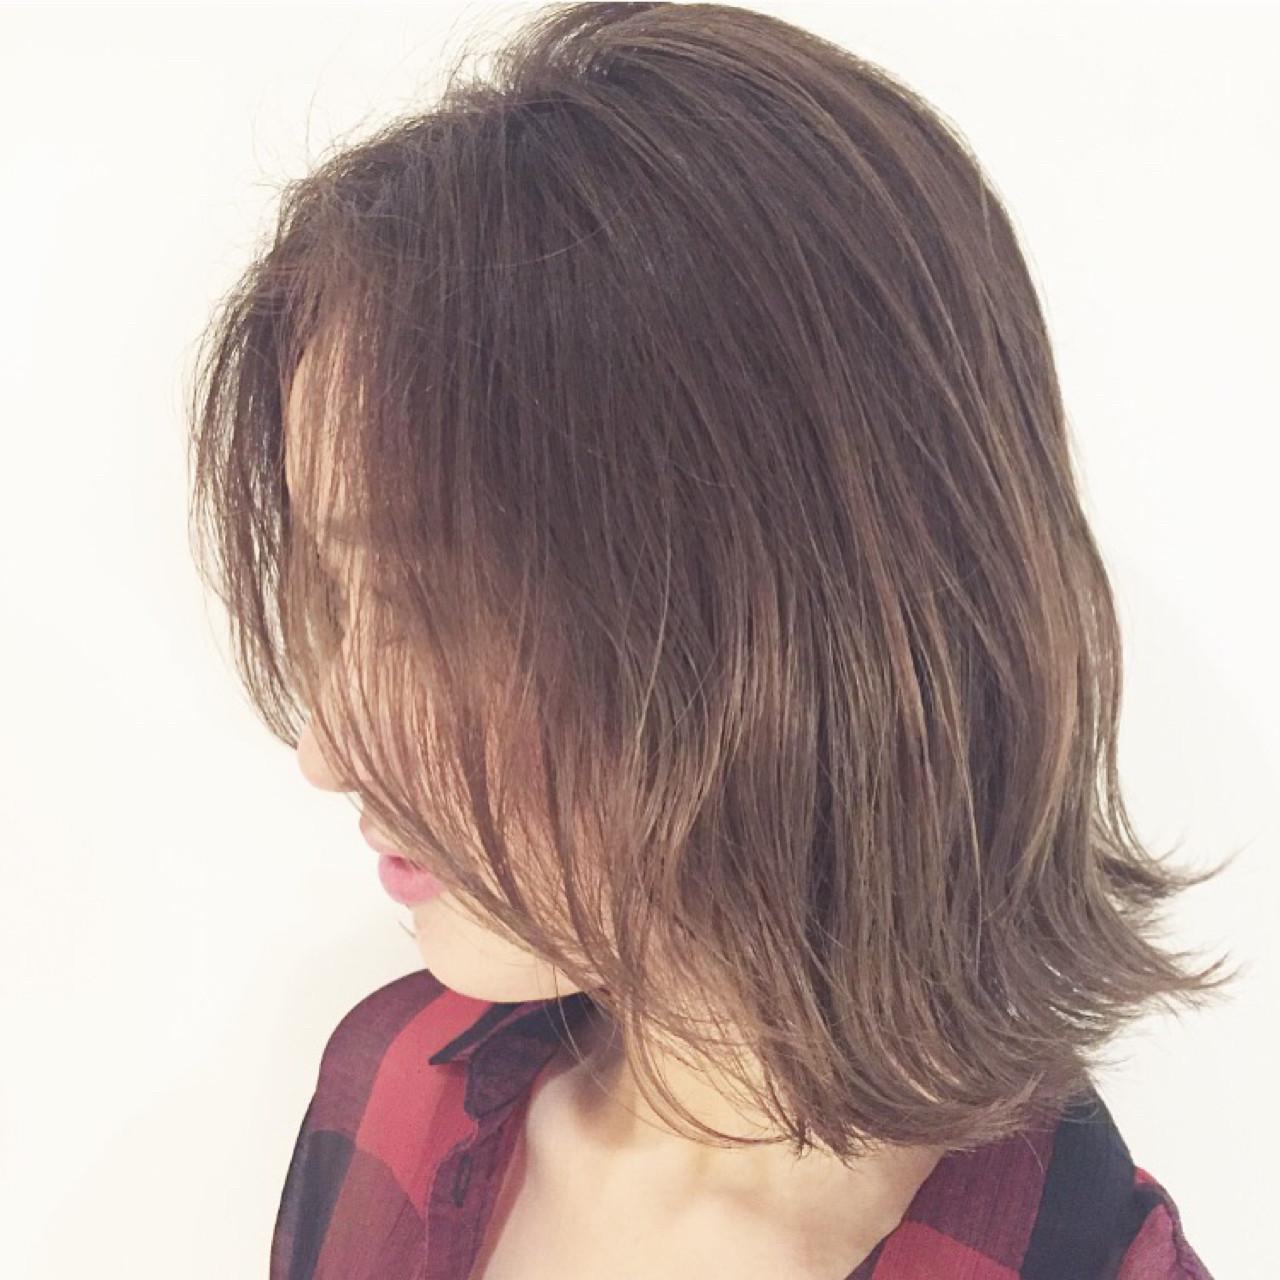 外国人風 前髪あり 夏 アッシュ ヘアスタイルや髪型の写真・画像 | 青沼 茜 / NORA hair salon